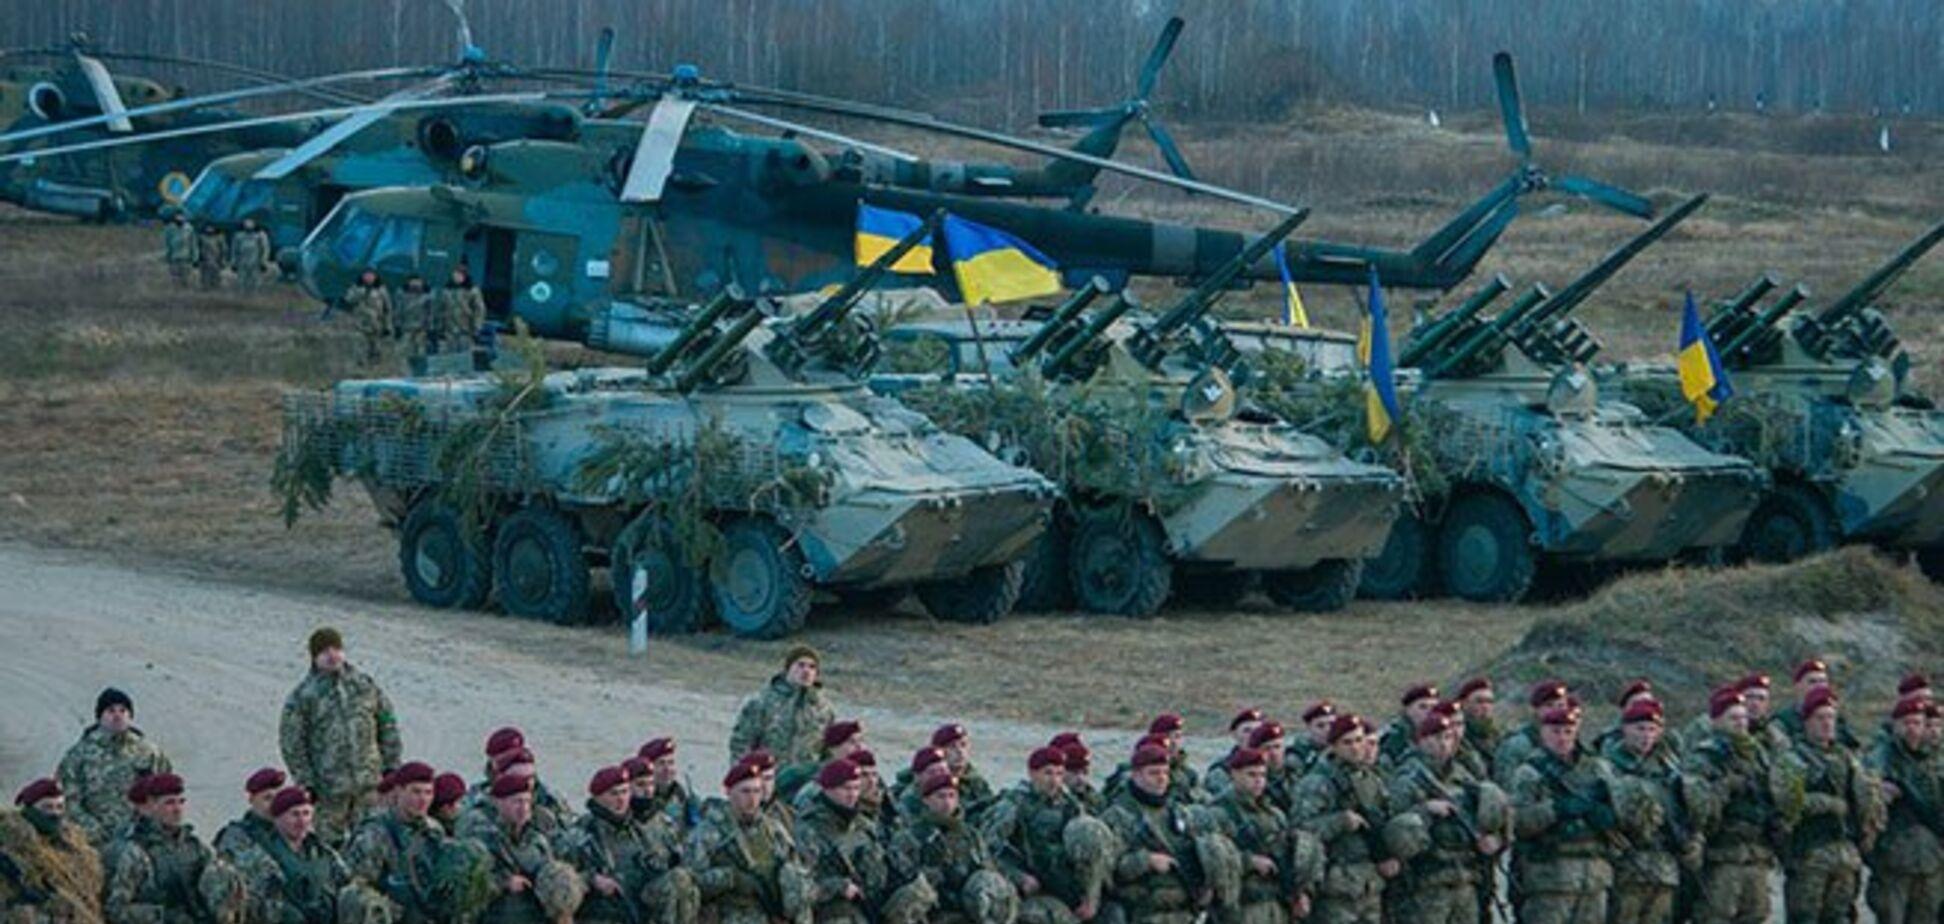 В Украине появятся новые военные базы по стандартам НАТО: что известно